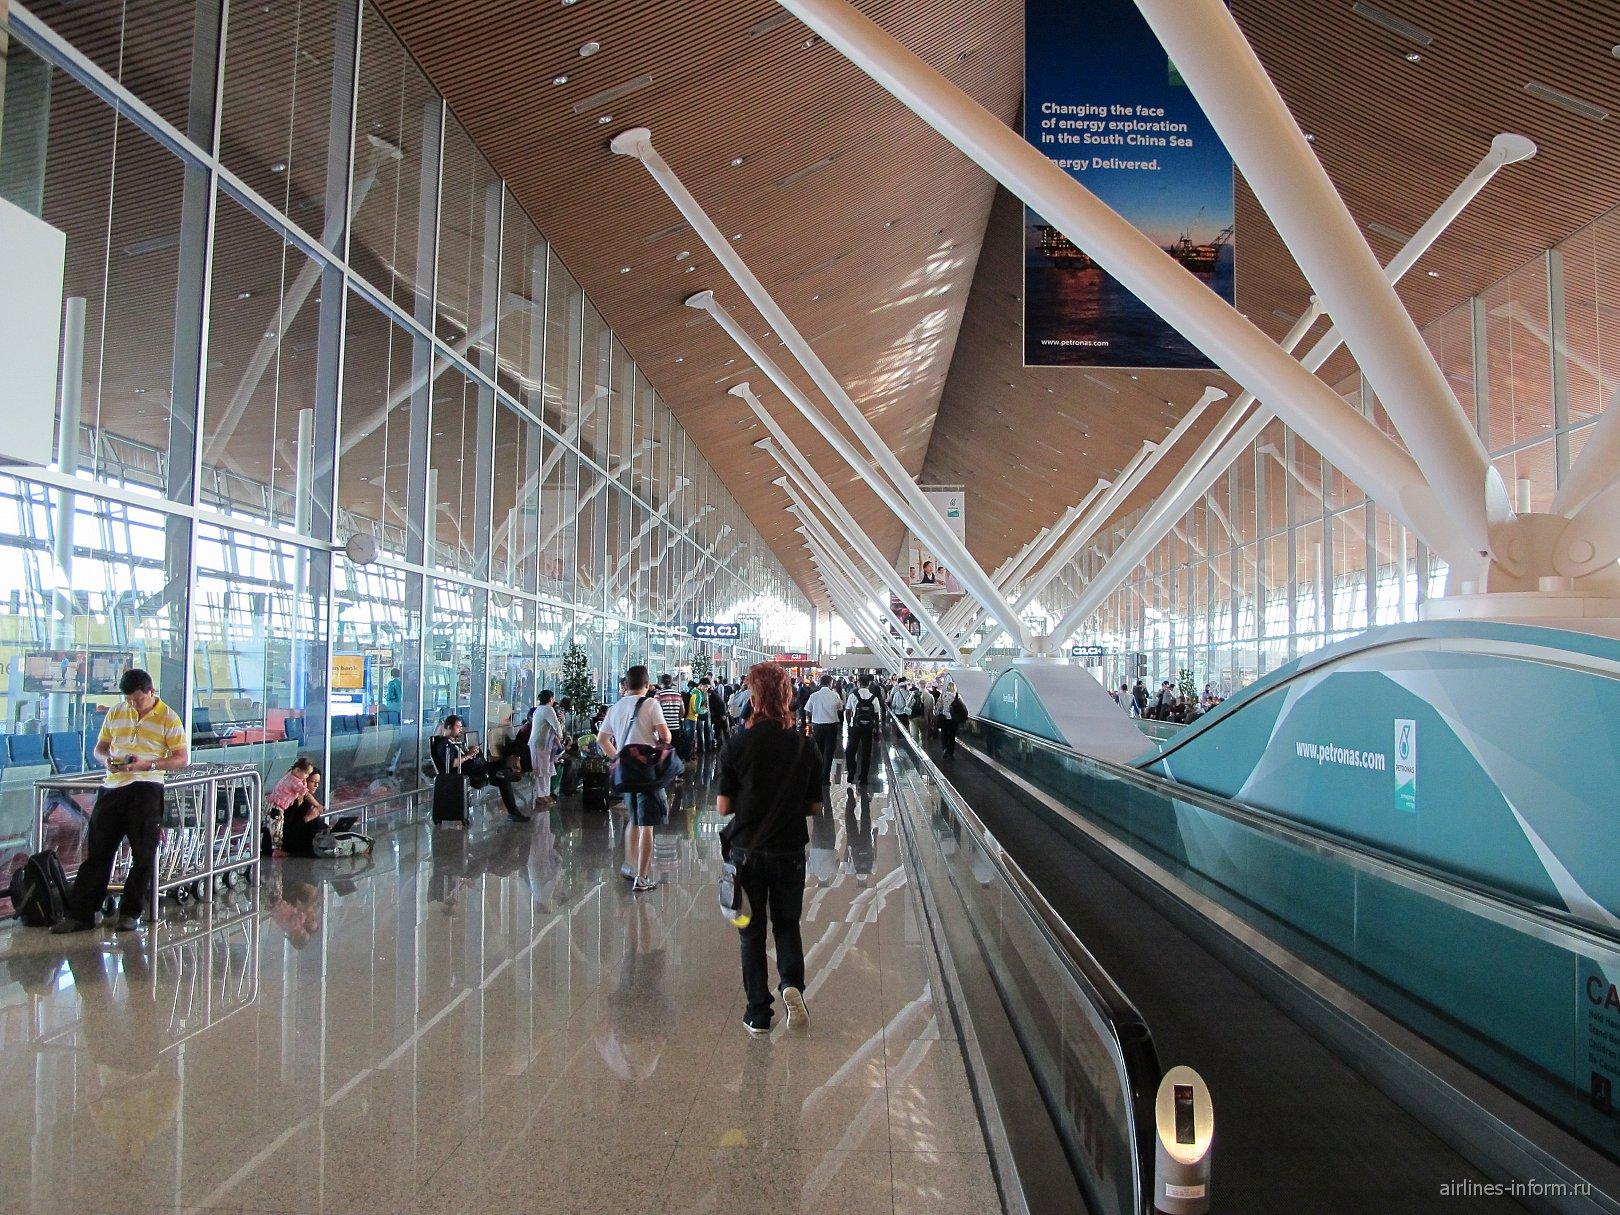 Сектор C основного терминала аэропорта Куала-Лумпур